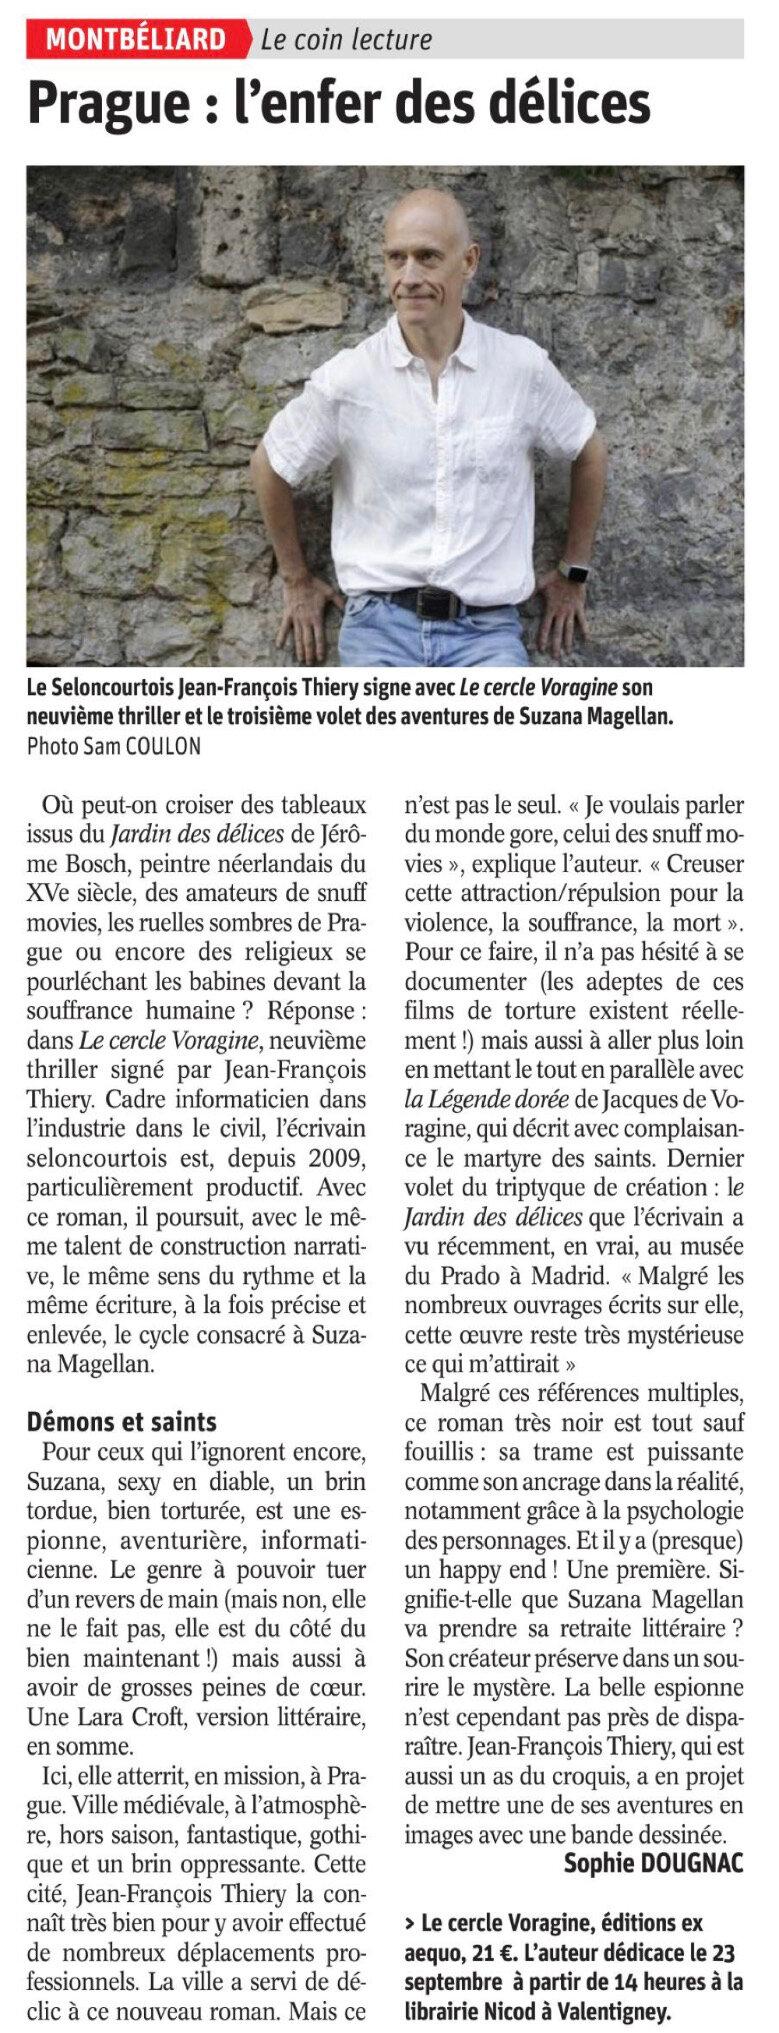 Est Républicain - Le cercle Voragine - 31-07-2017